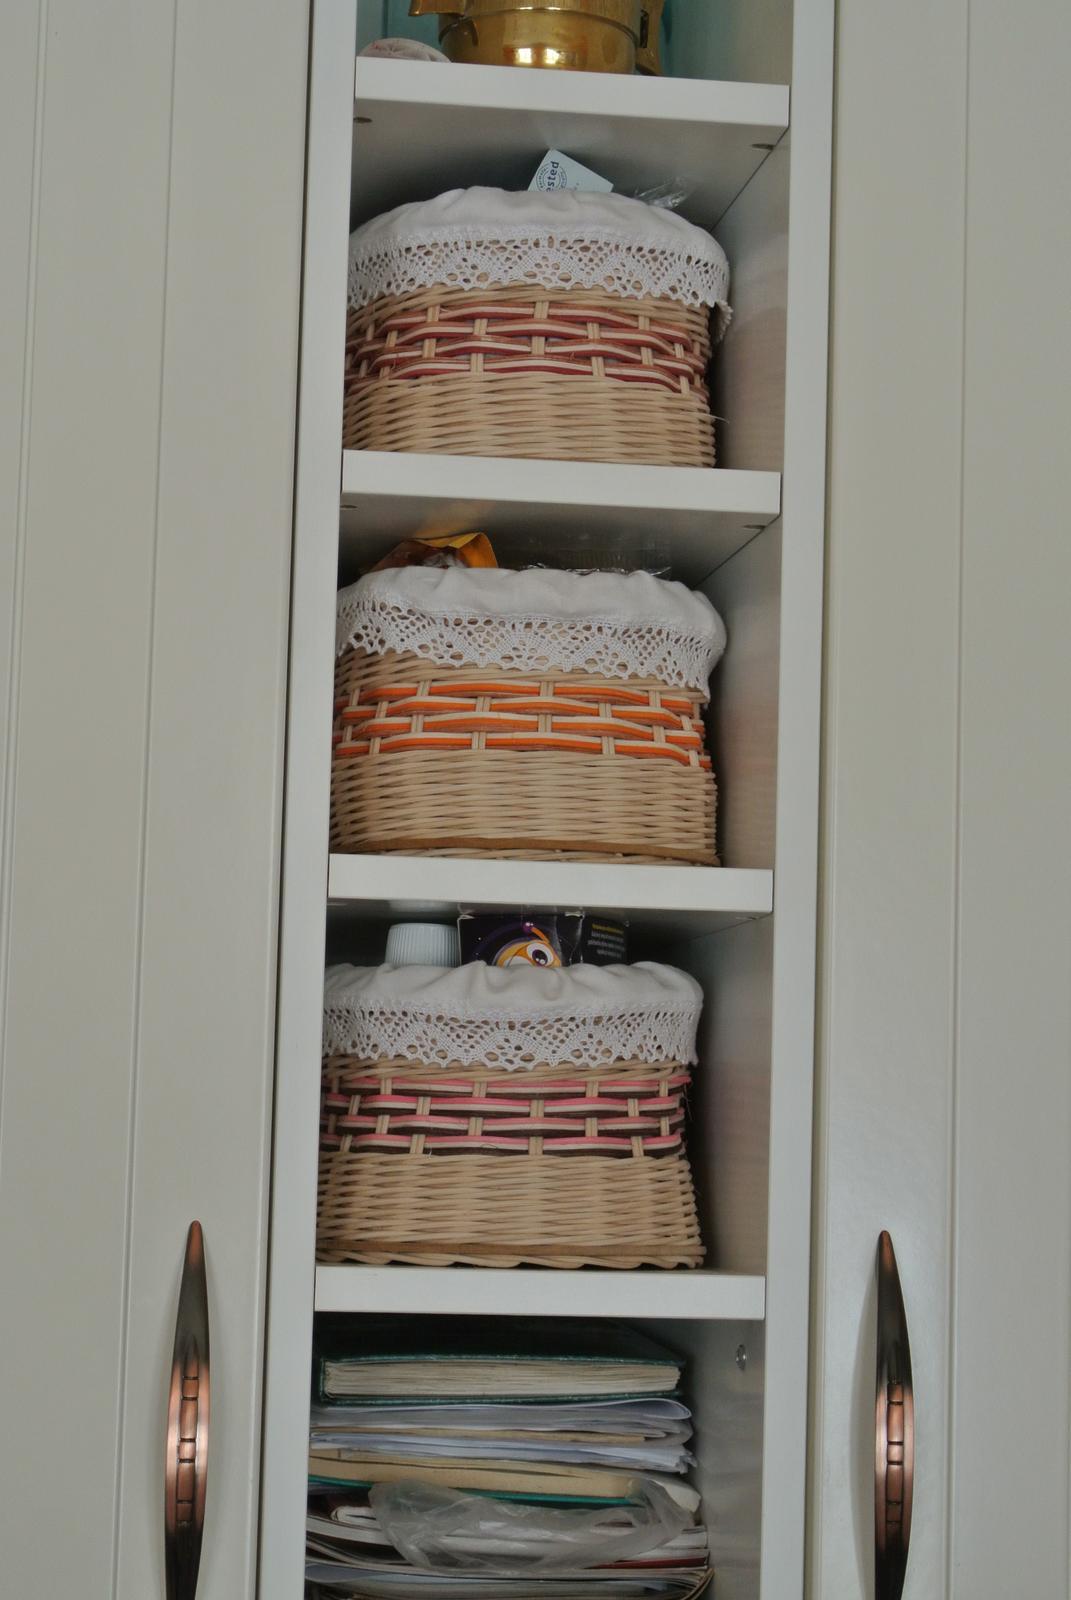 Kuchyňa - Košíky na všeličo, takých v kuchyni nikdy nie je dosť.